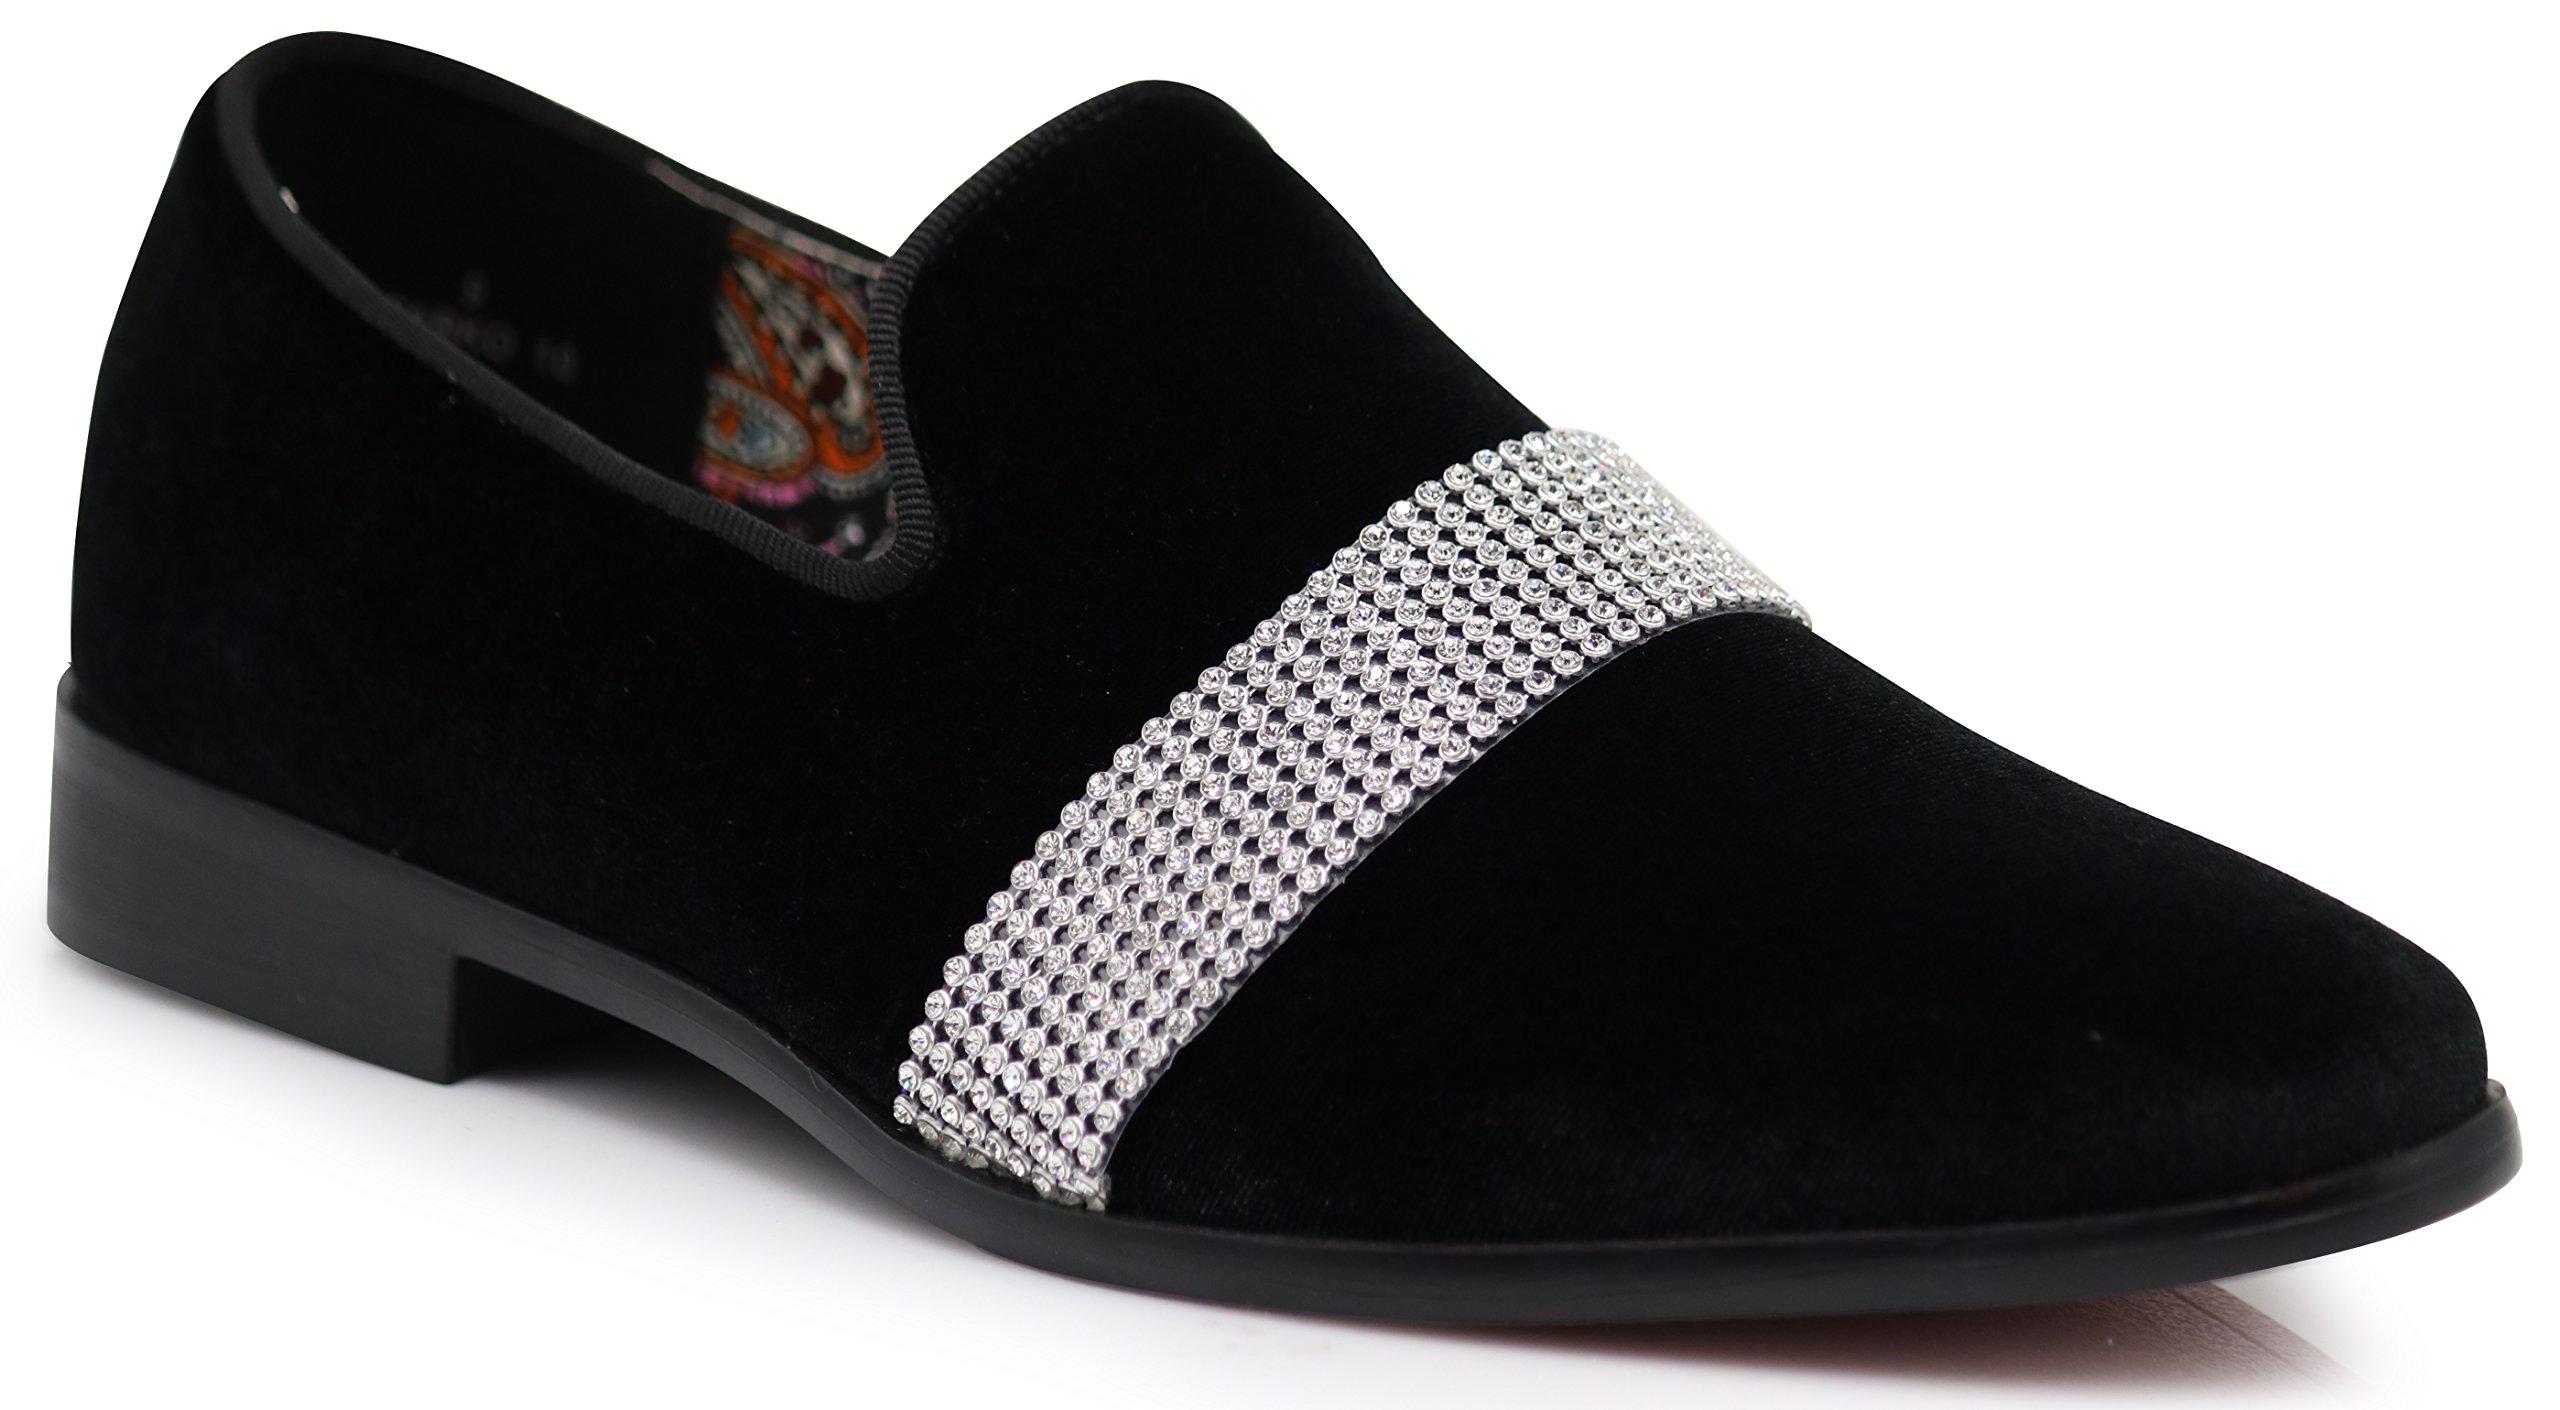 Enzo Romeo SPK10 Men's Vintage Plain Velvet White Stripe Design Dress Loafers Slip On Shoes Classic Tuxedo Dress Shoes (9.5 D(M) US, Black)